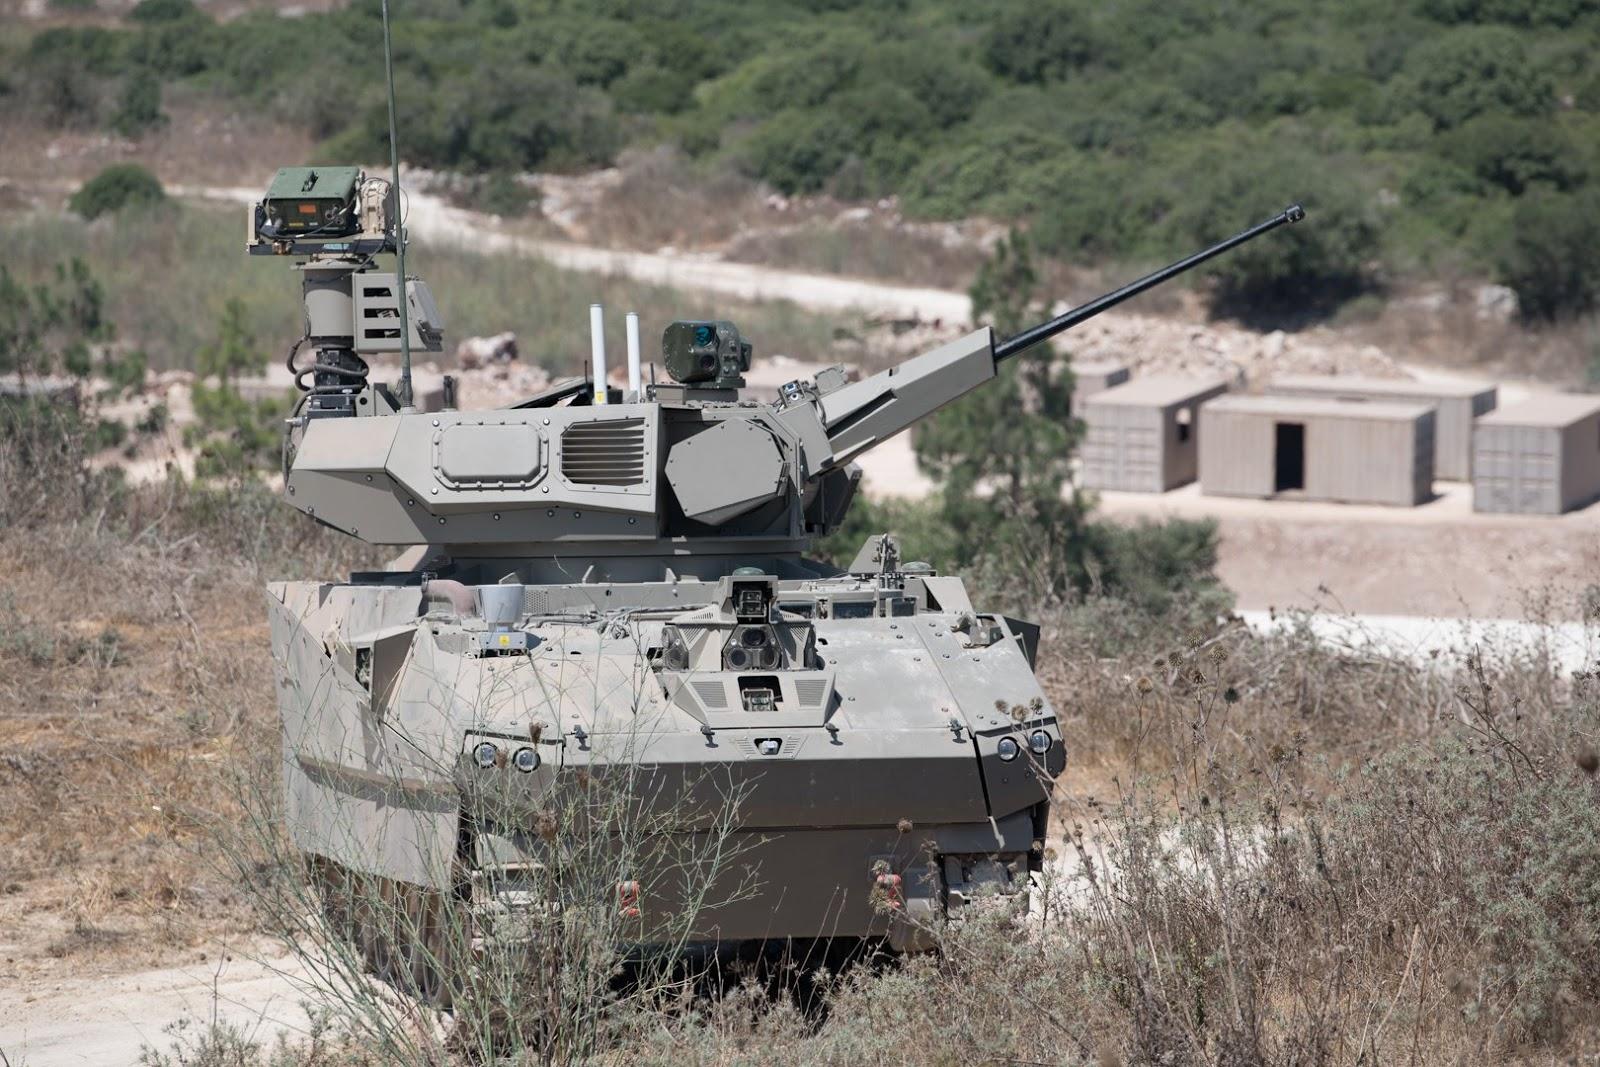 ізраїльські демонстратори перспективних бронемашин